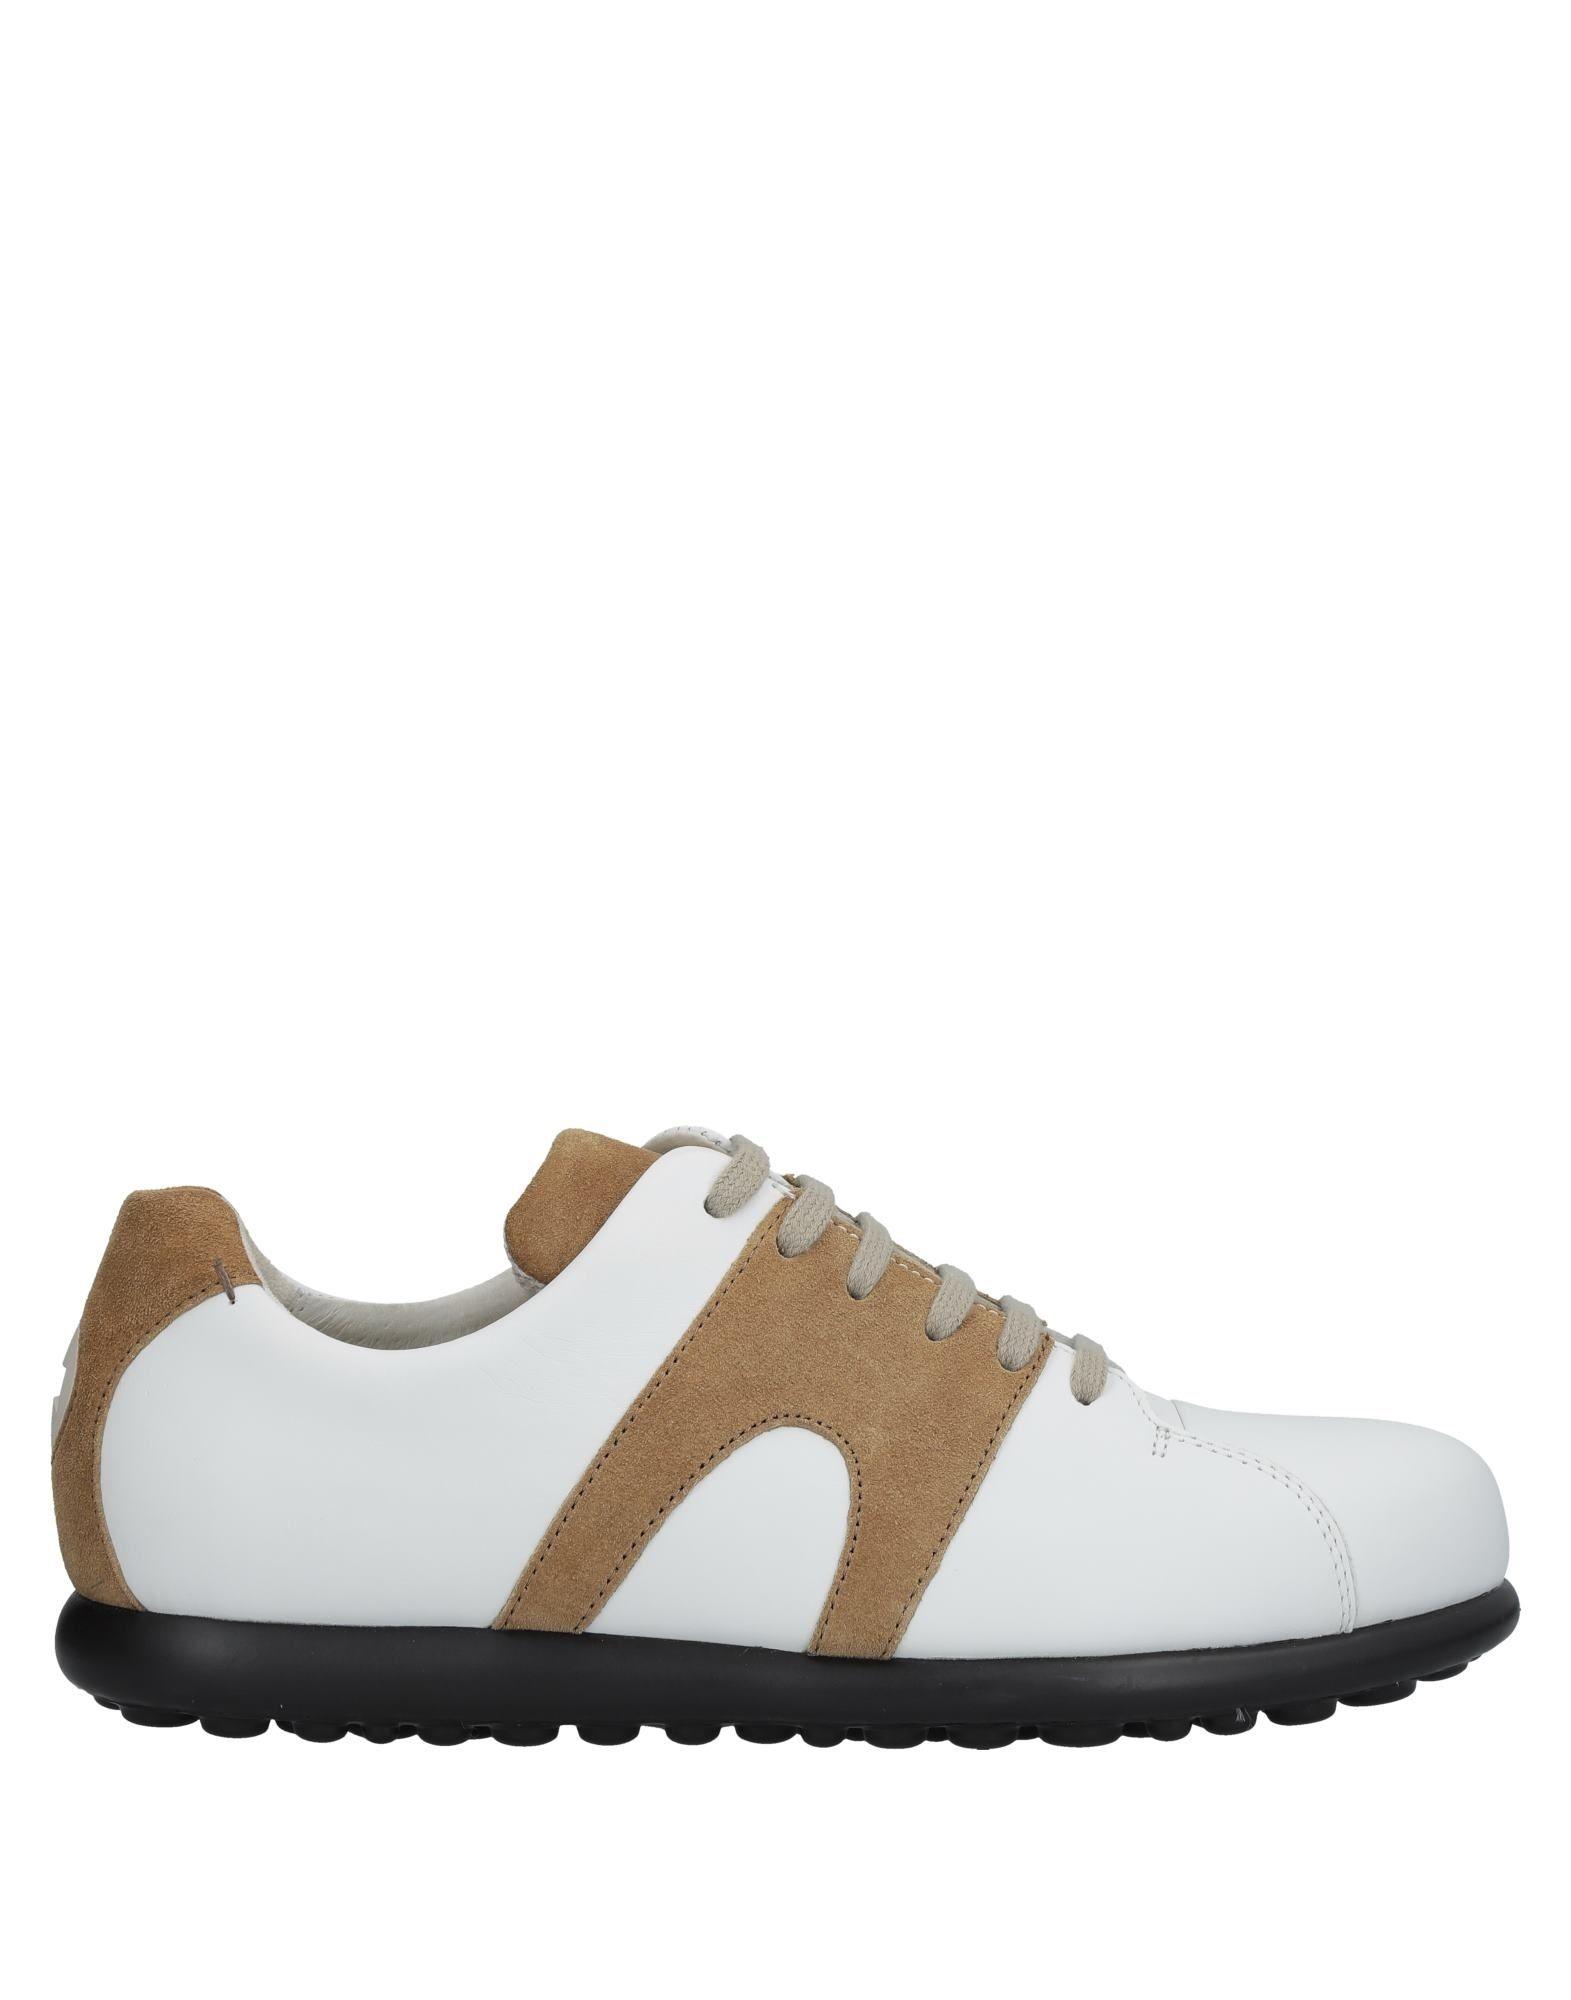 Sneakers Camper Uomo - 11108798GN Scarpe economiche e buone